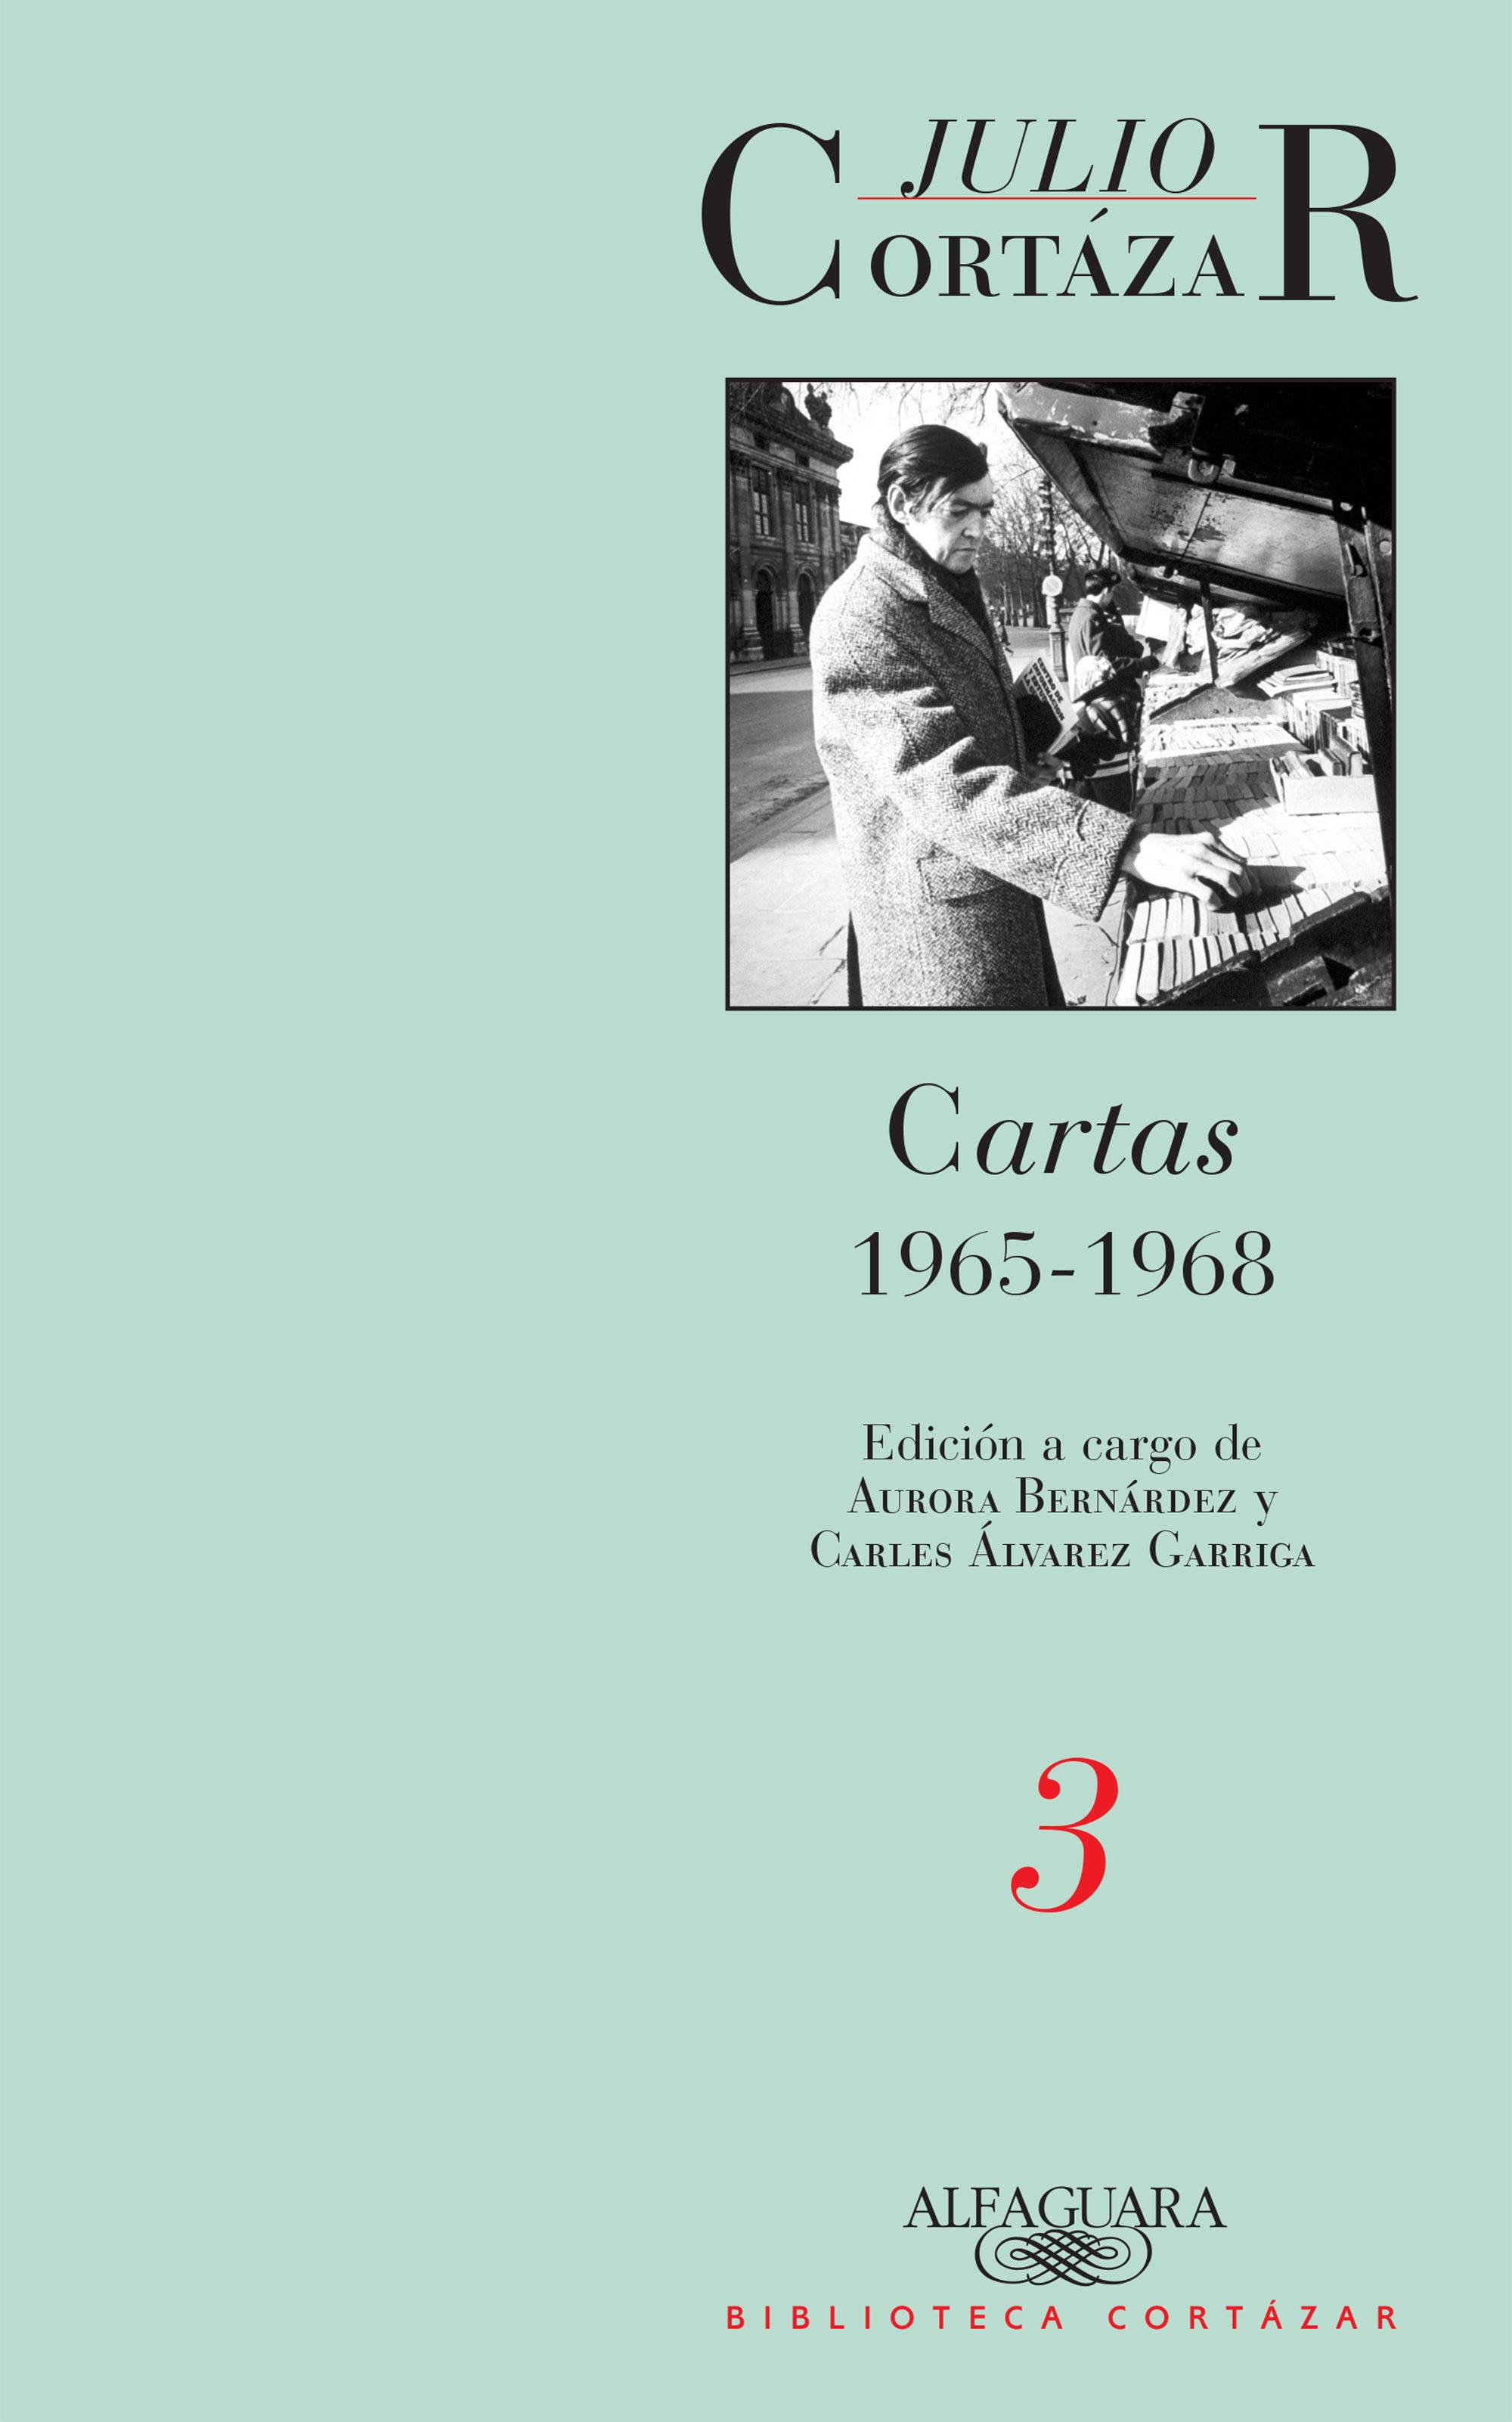 Cartas 1965-1968 (tomo 3)   por Julio Cortazar